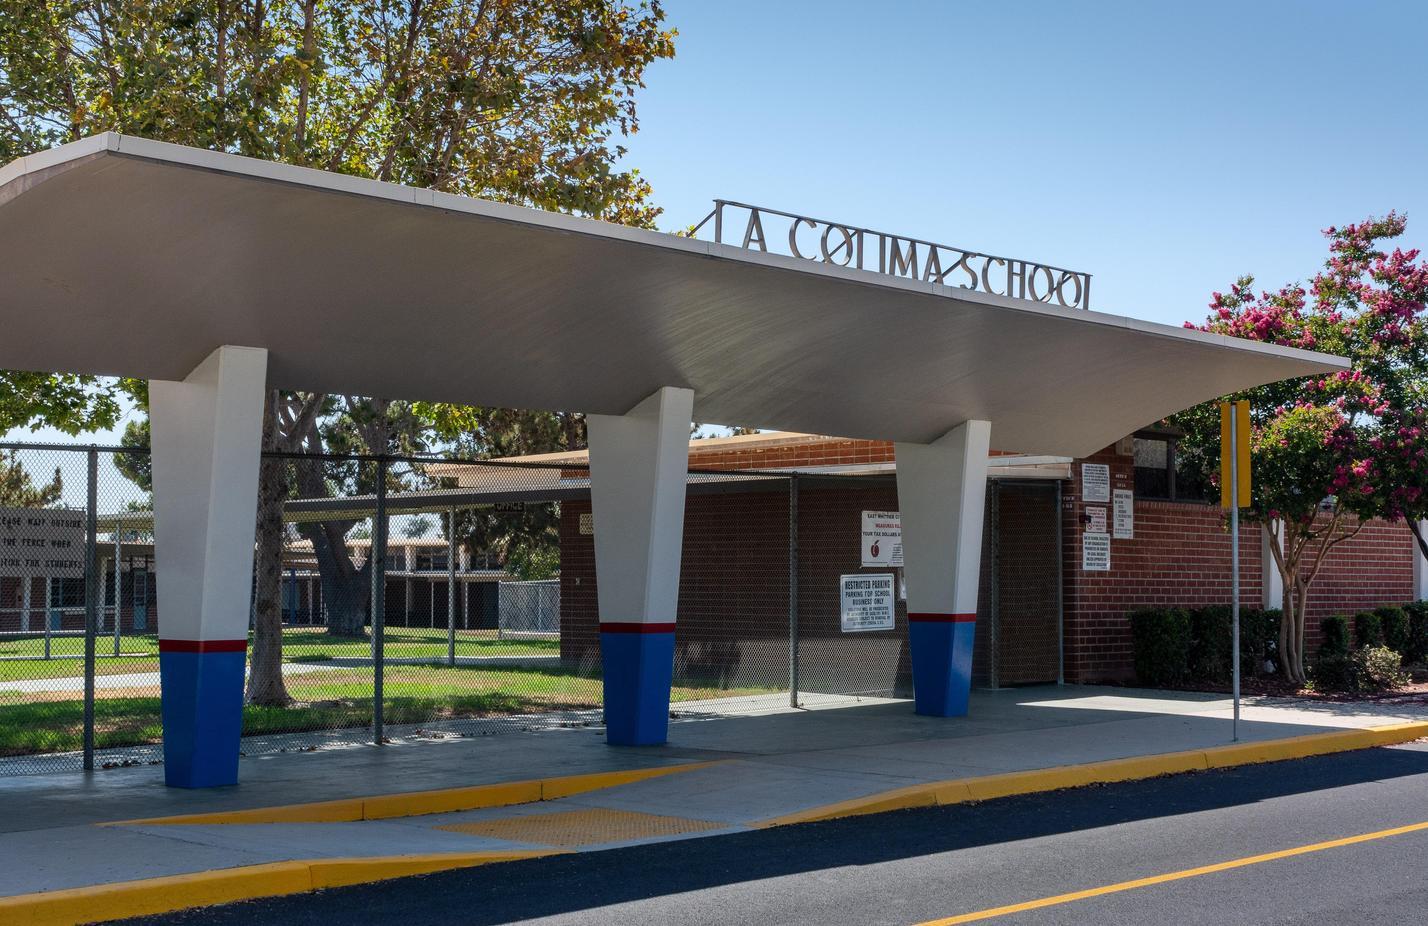 La Colima Elementary School